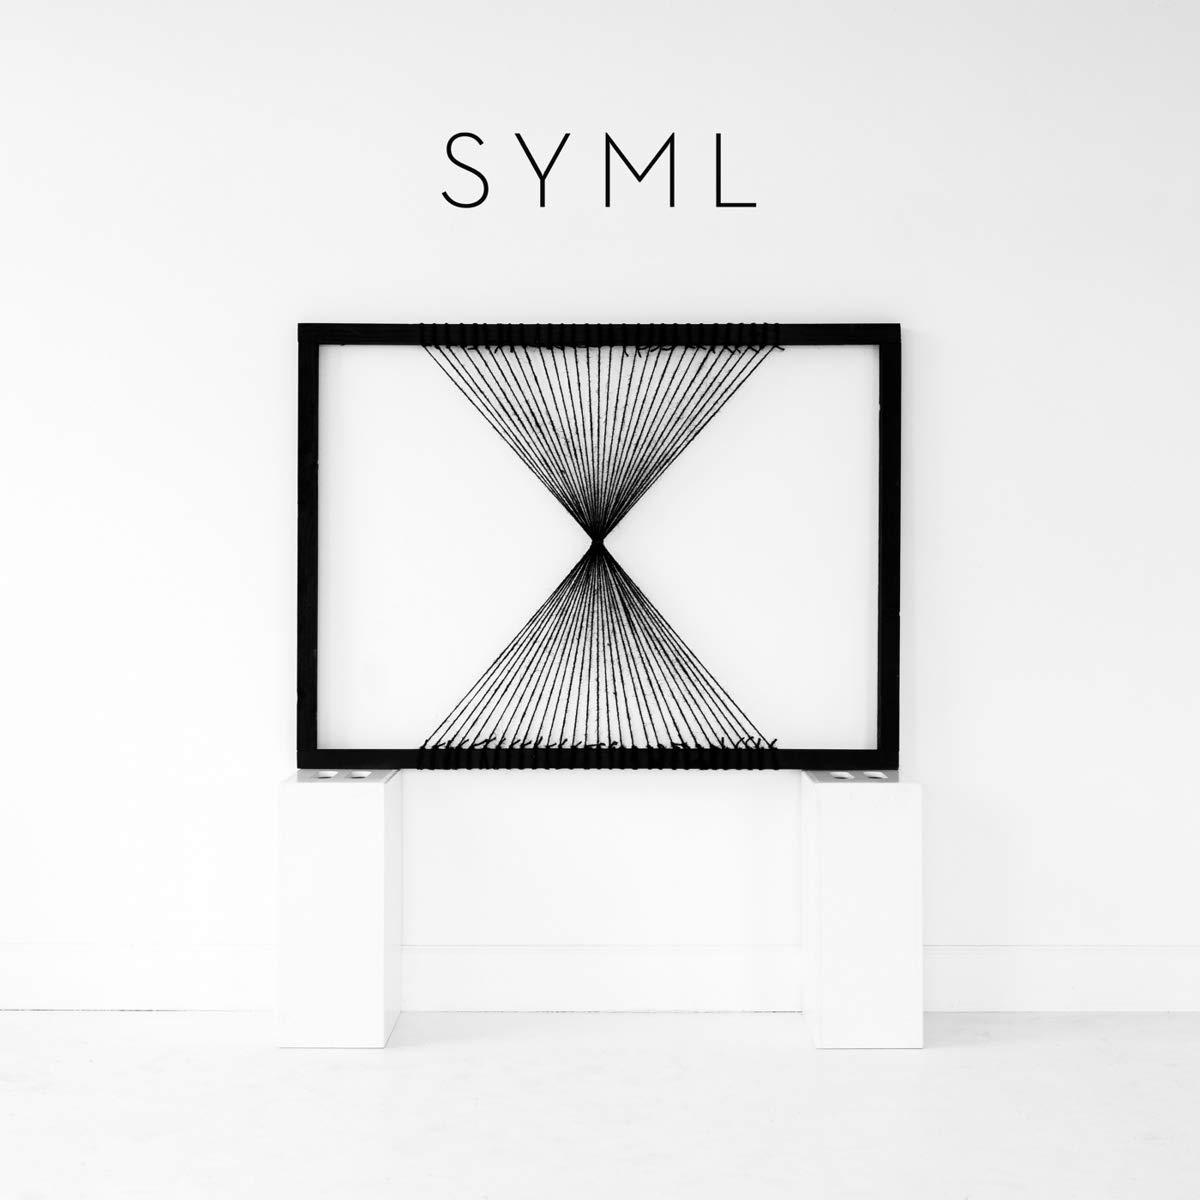 SYML CD - Signed